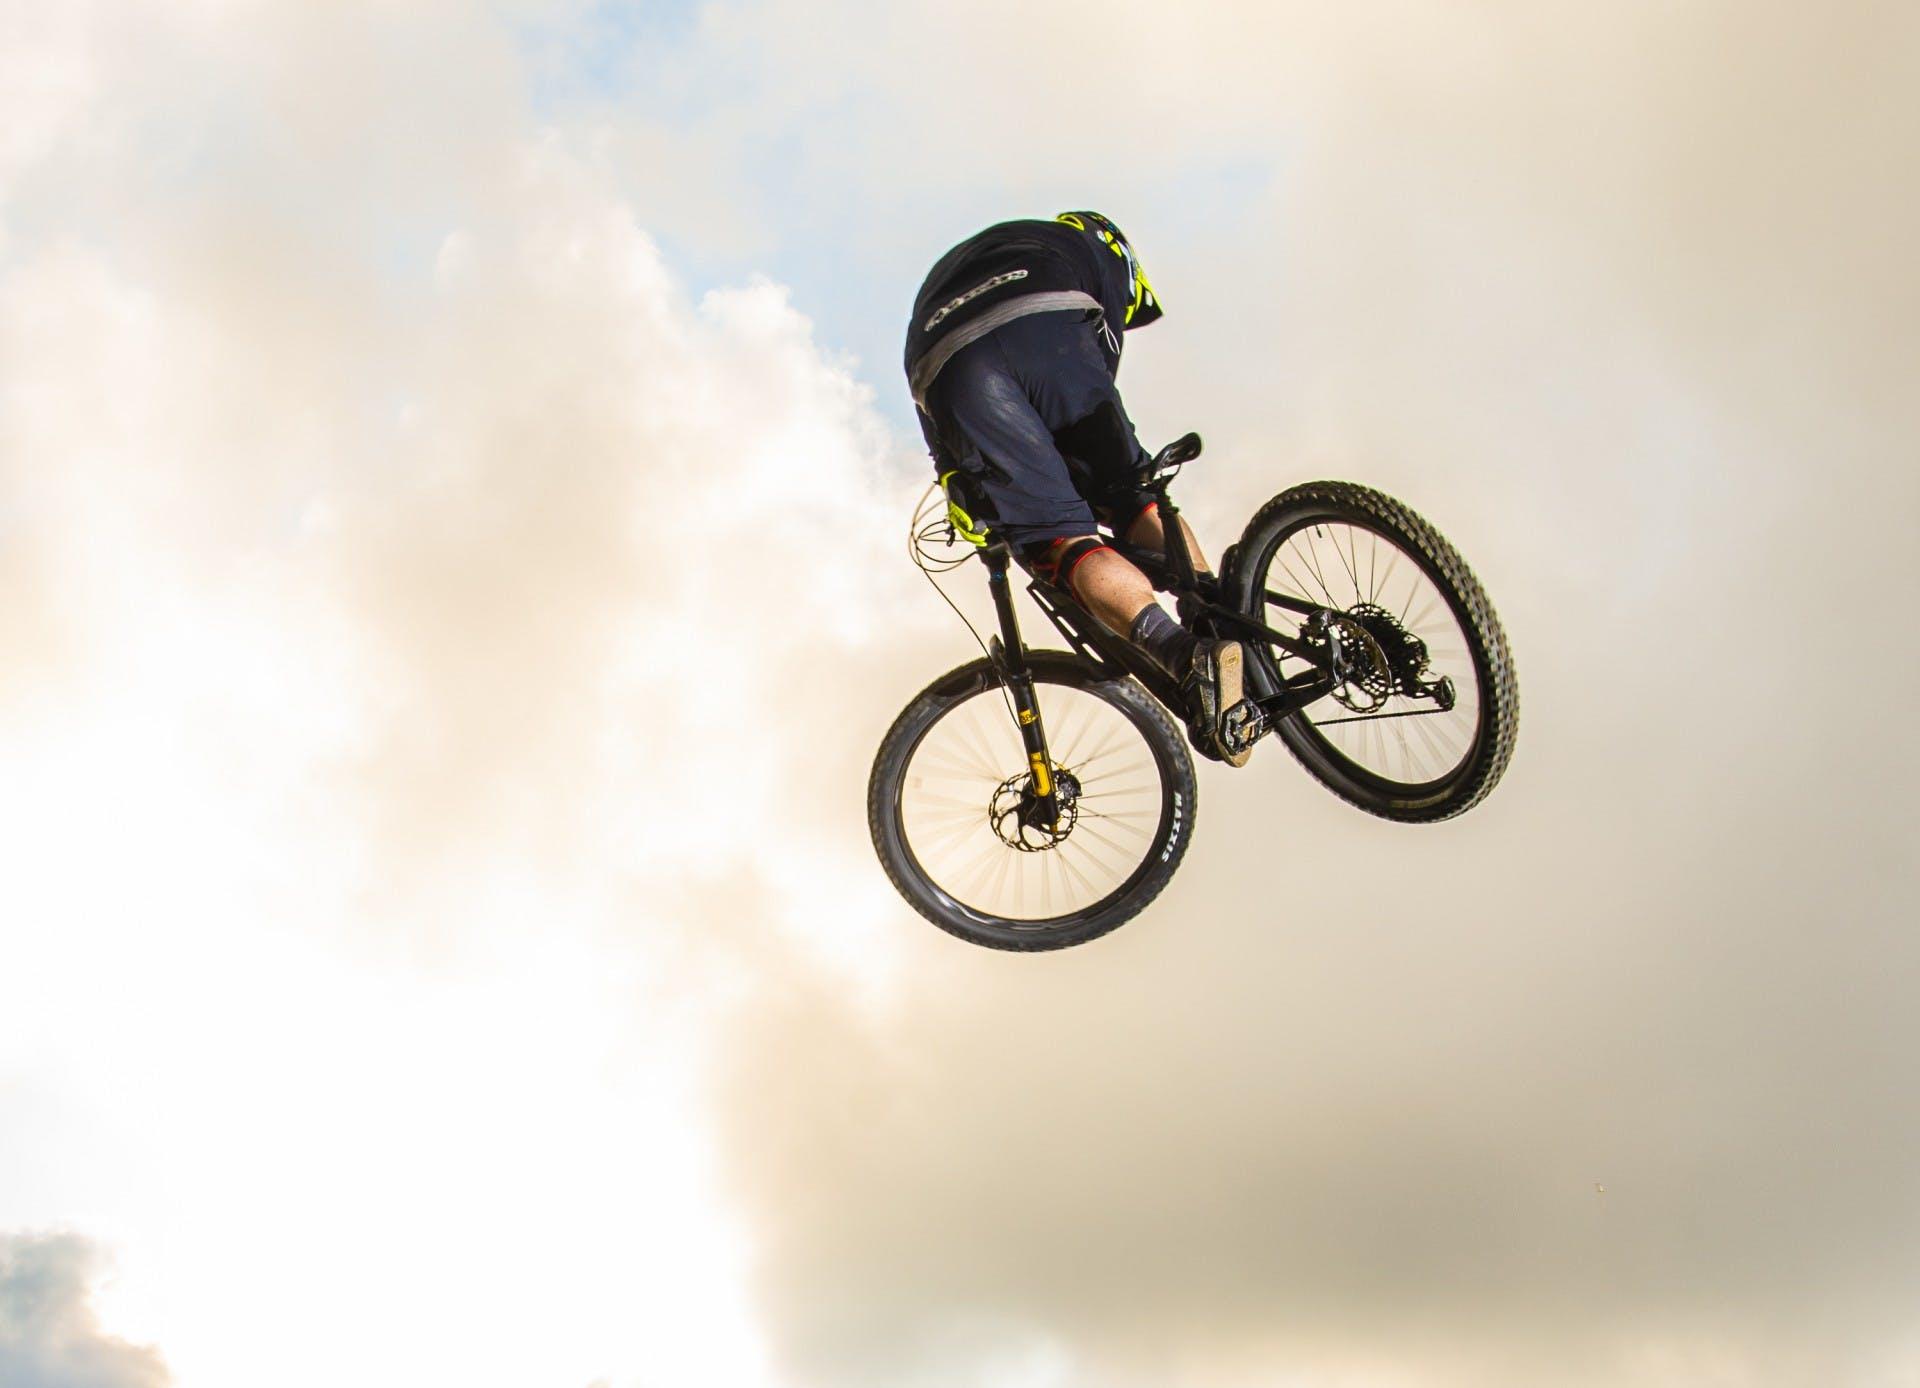 e-bike thok 01LTD in salto